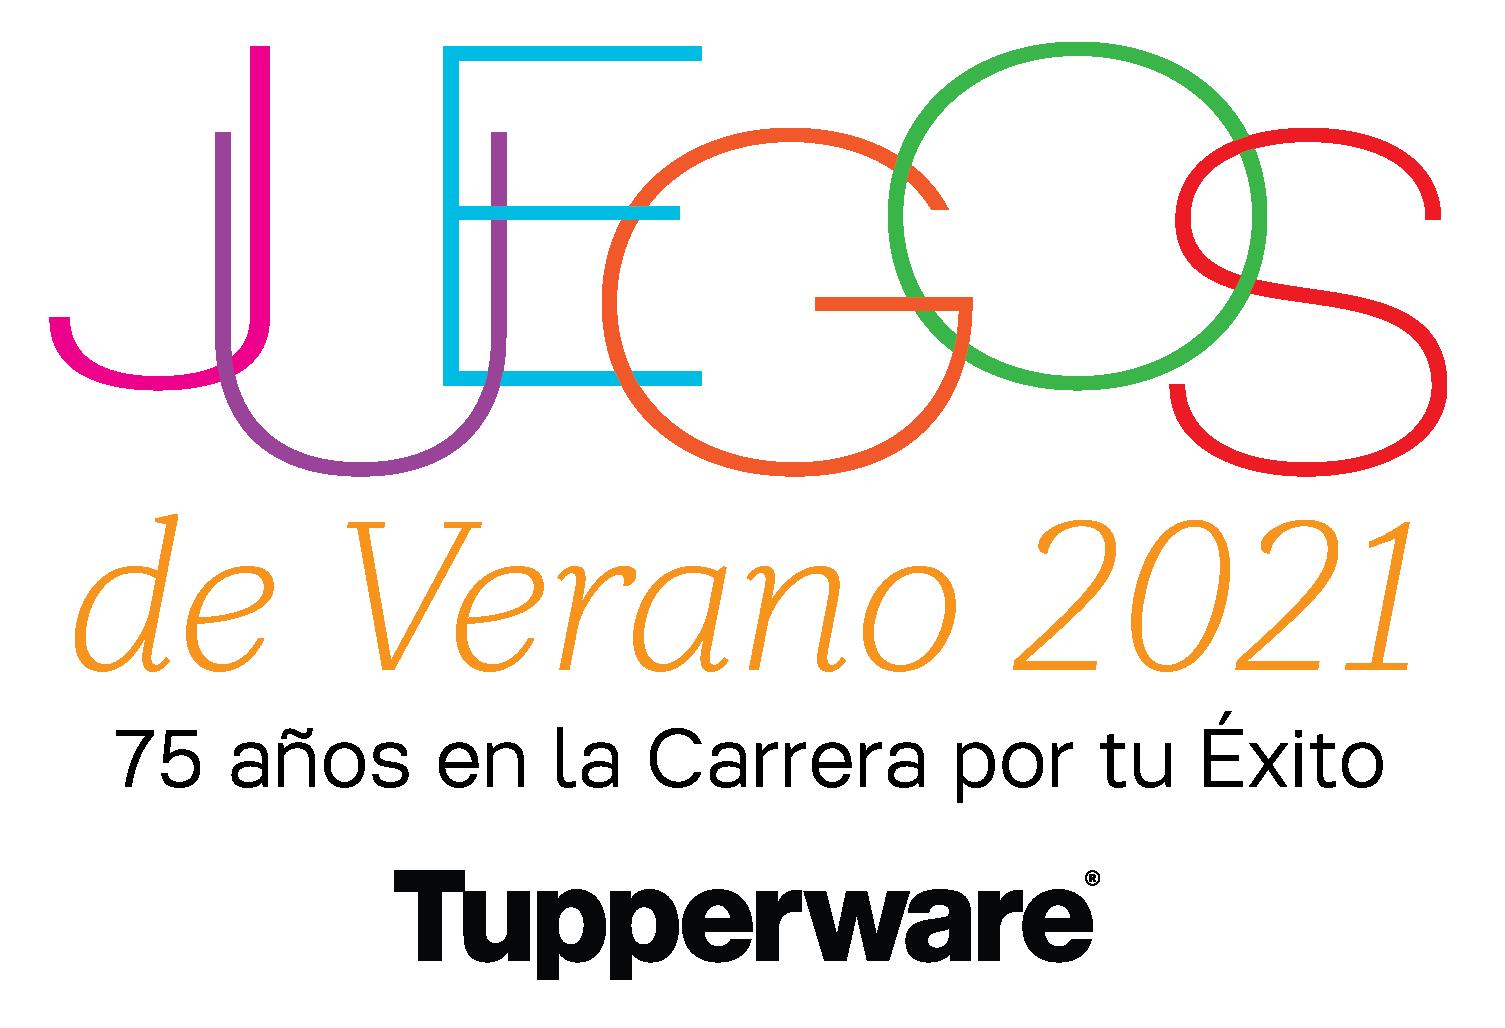 LOGO_JUEGOSdeVERANO TW 2021_02okALTA